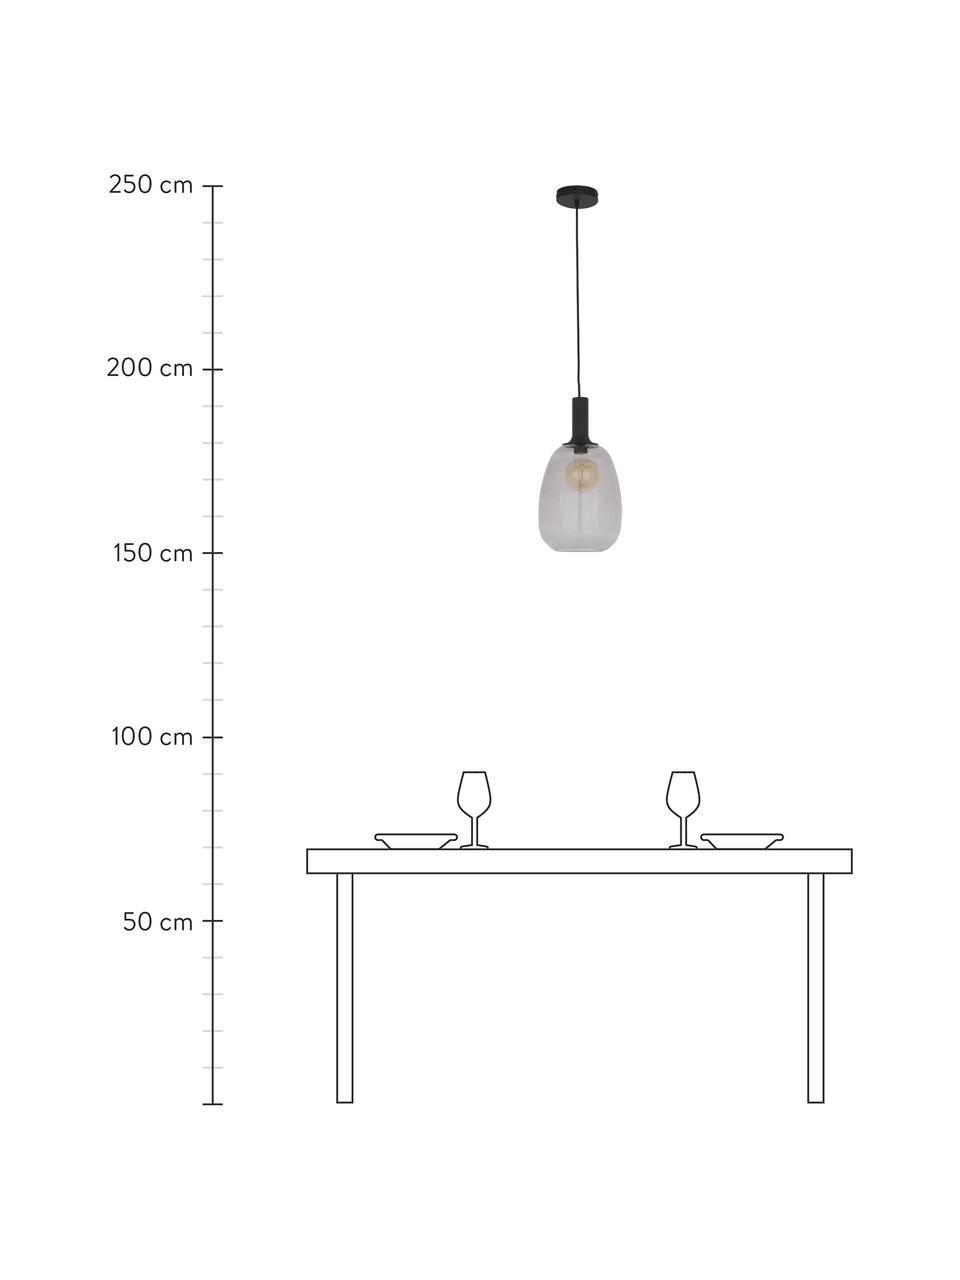 Mała lampa wisząca ze szkła Alton, Czarny, szary, transparentny, Ø 23 x W 43 cm